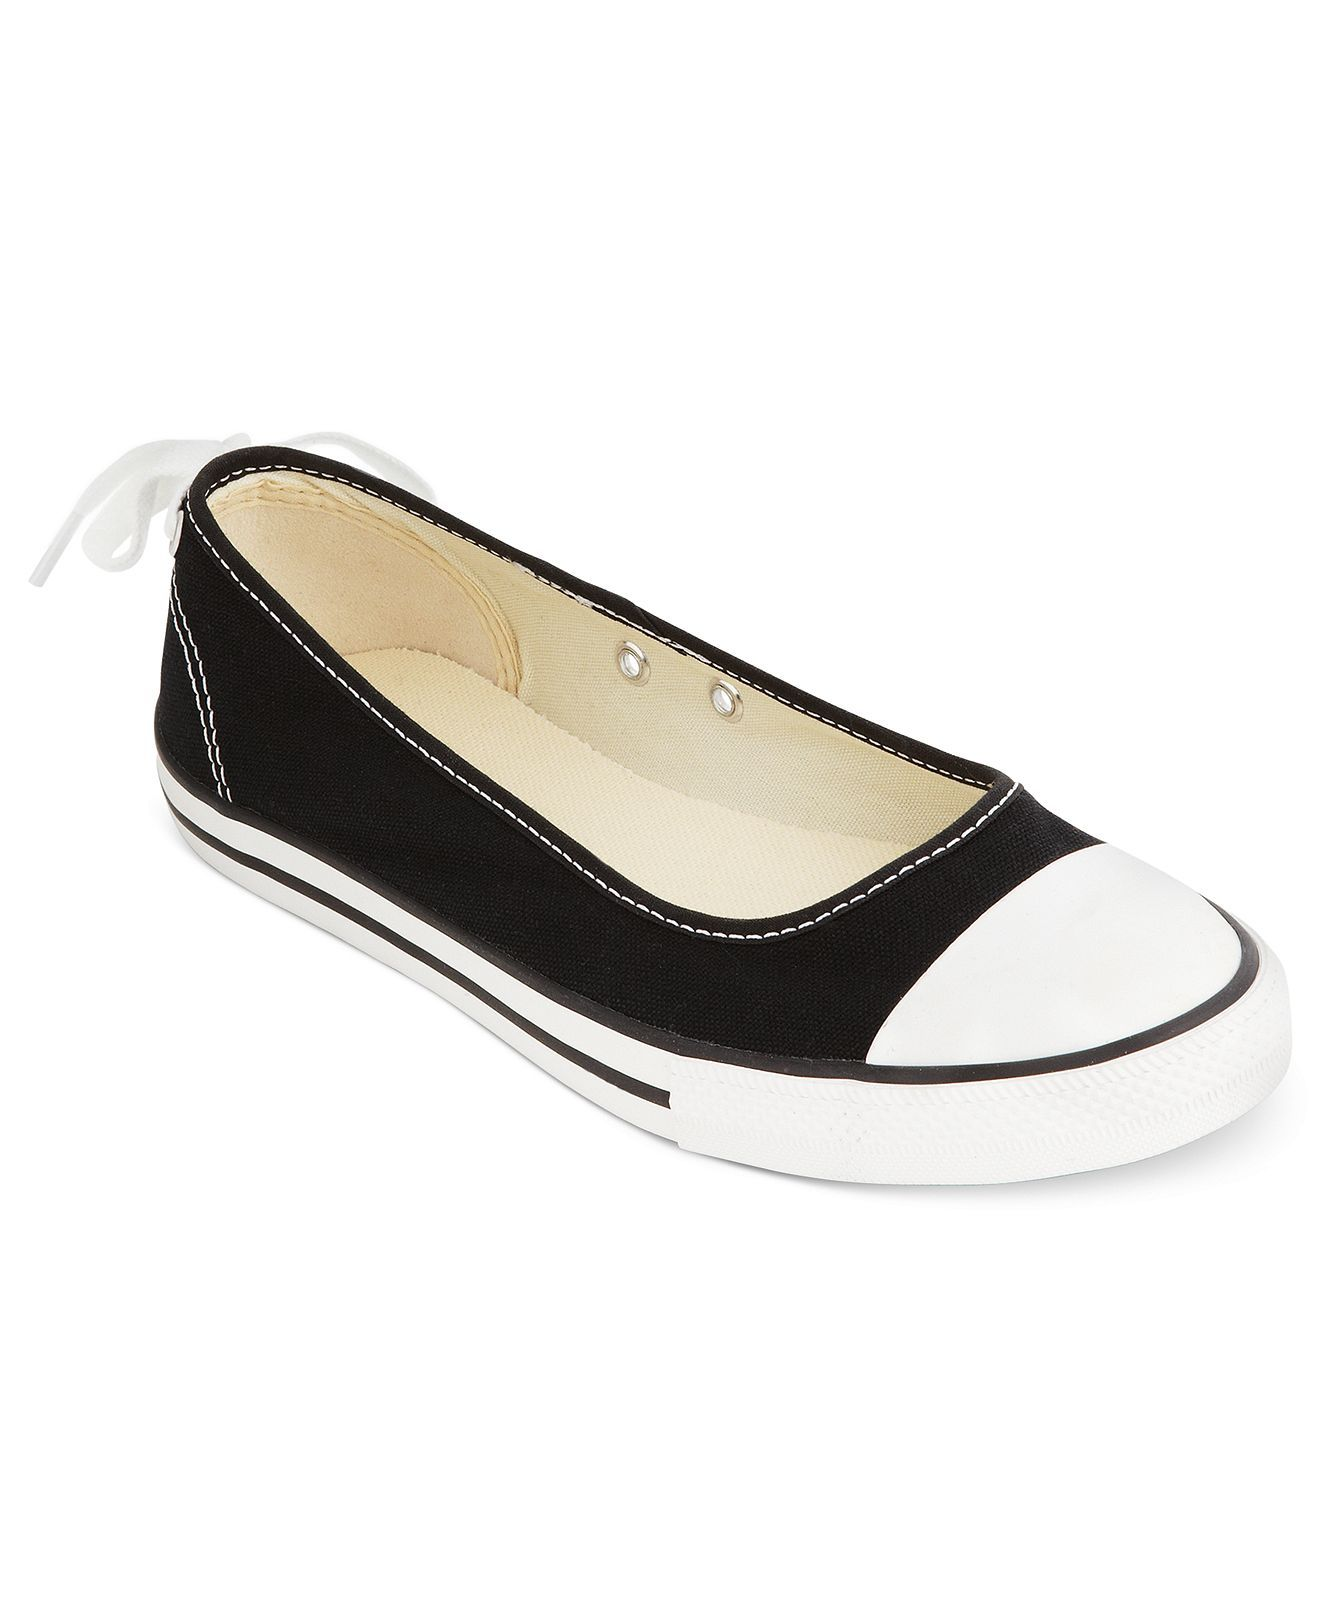 c00a97d381f5 Converse Women s Shoes